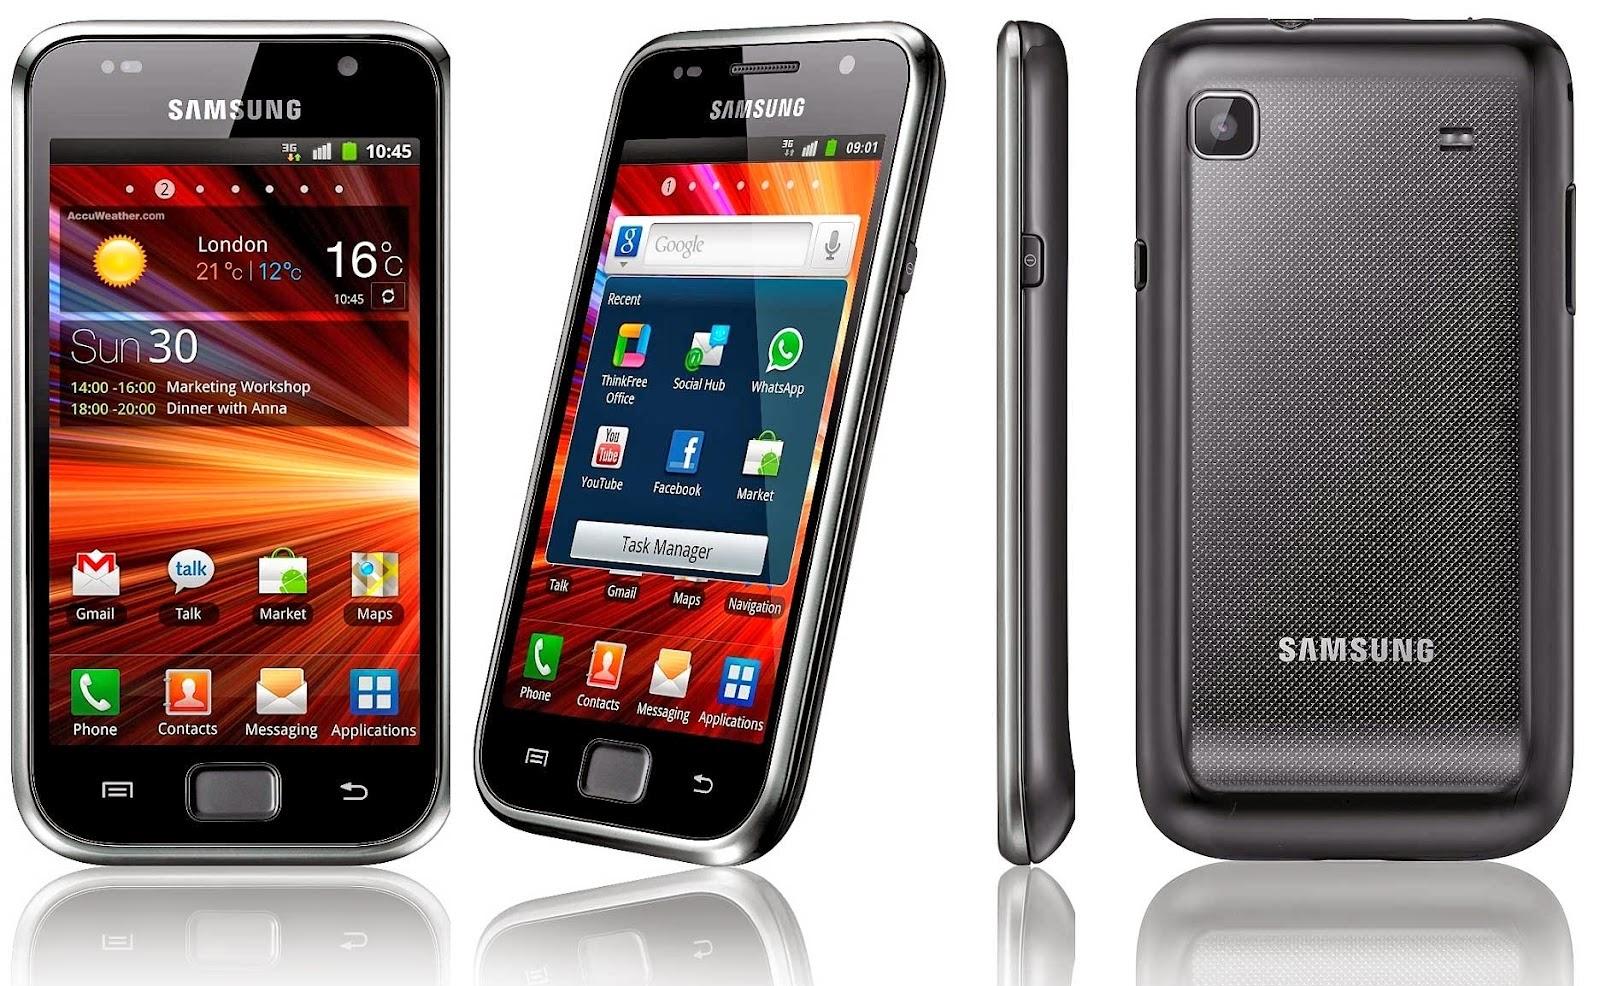 Мобильный телефон Samsung Galaxy S Plus I9001 в тонком корпусе с рельефной отделкой с ярким 4-дюймовым Super AMOLED дисплеем